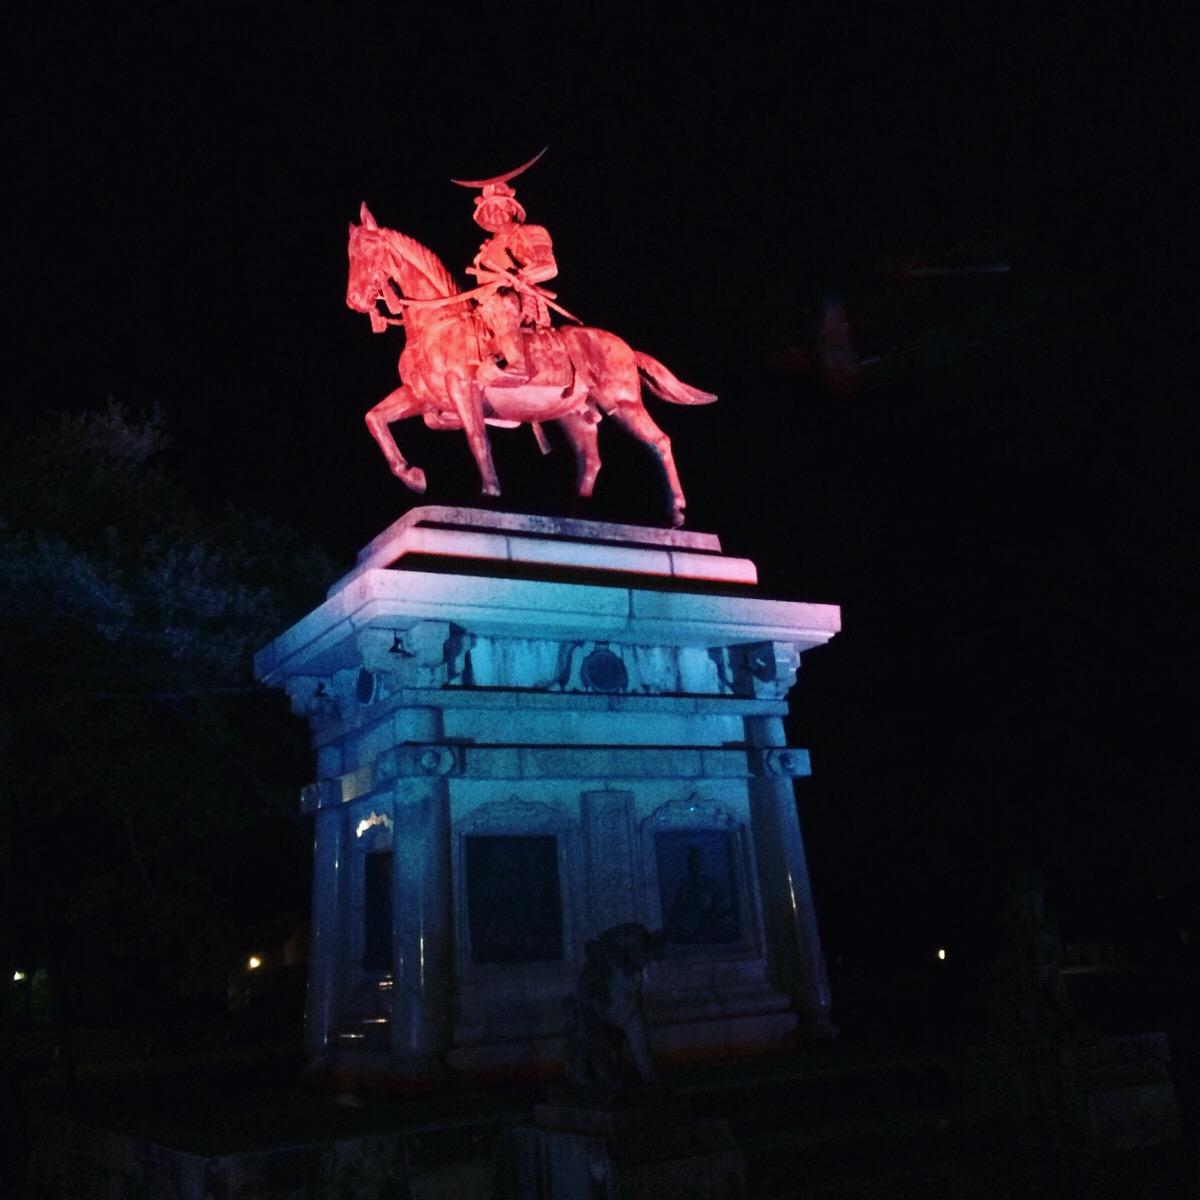 【仙台城ナイトツアー】星と蛍と懐中電灯の光で登る仙台城跡、ご褒美に夜景と乾杯